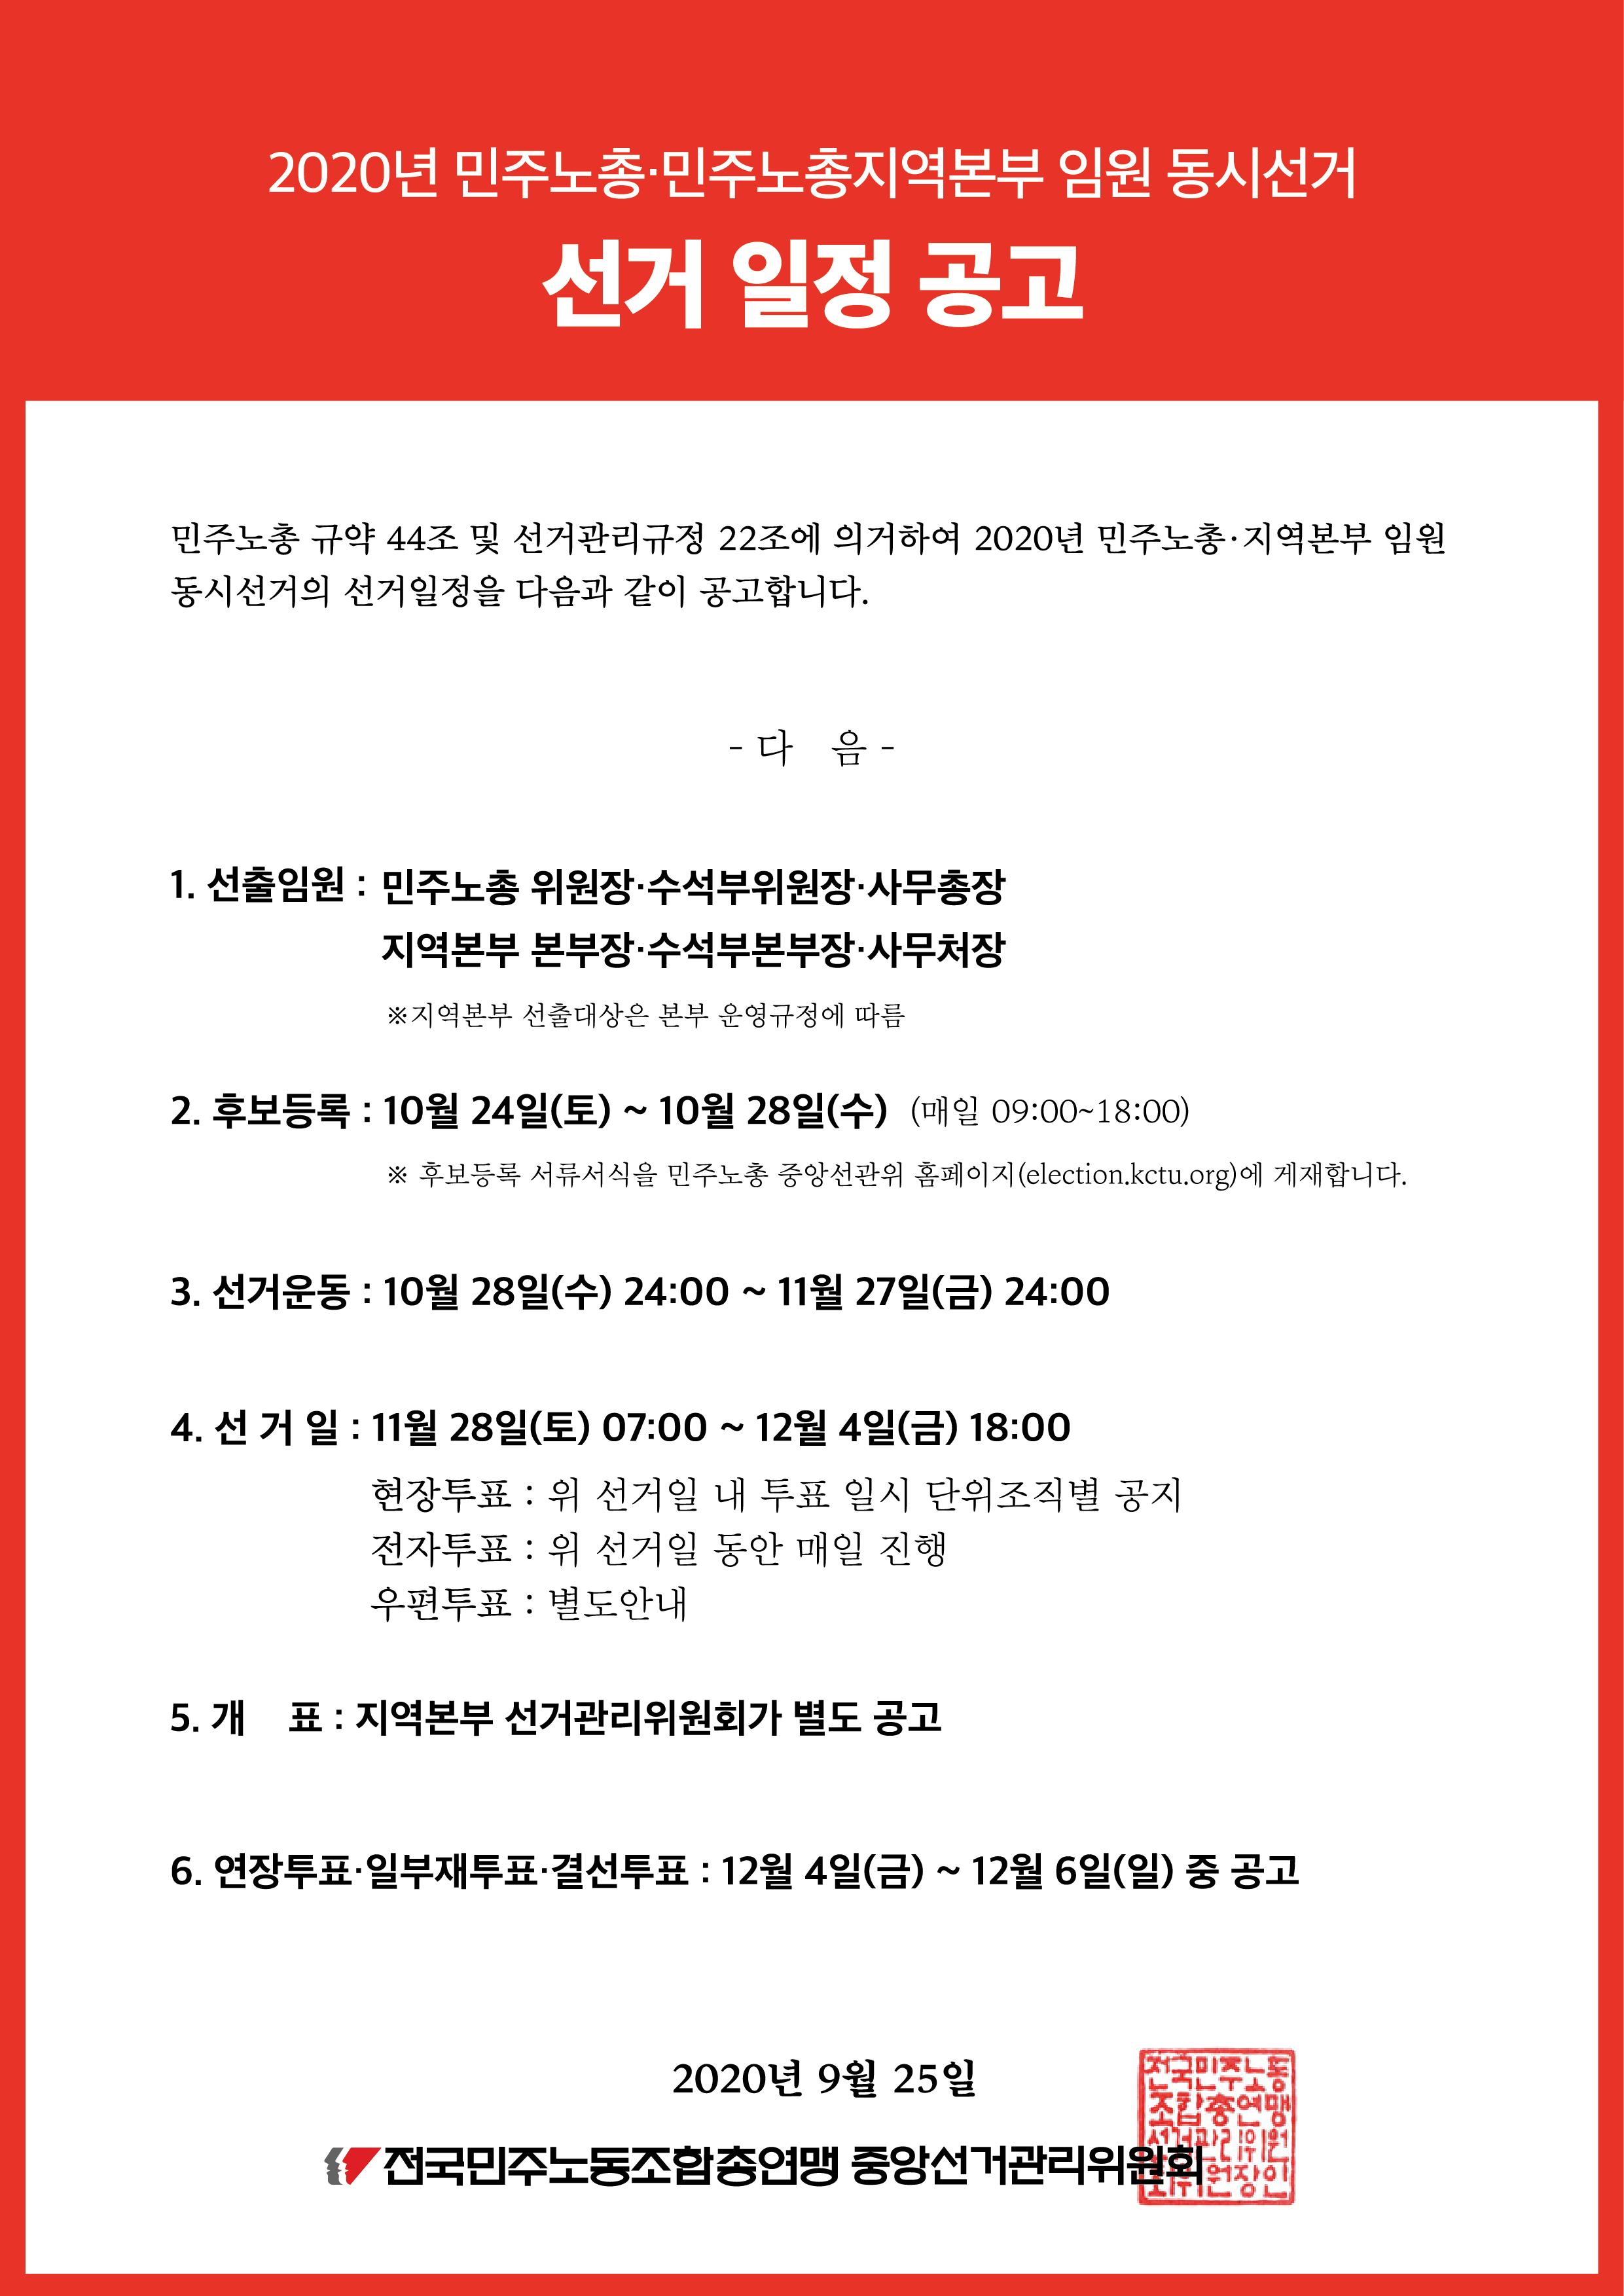 [공고]선거일정공고_웹자보용.png